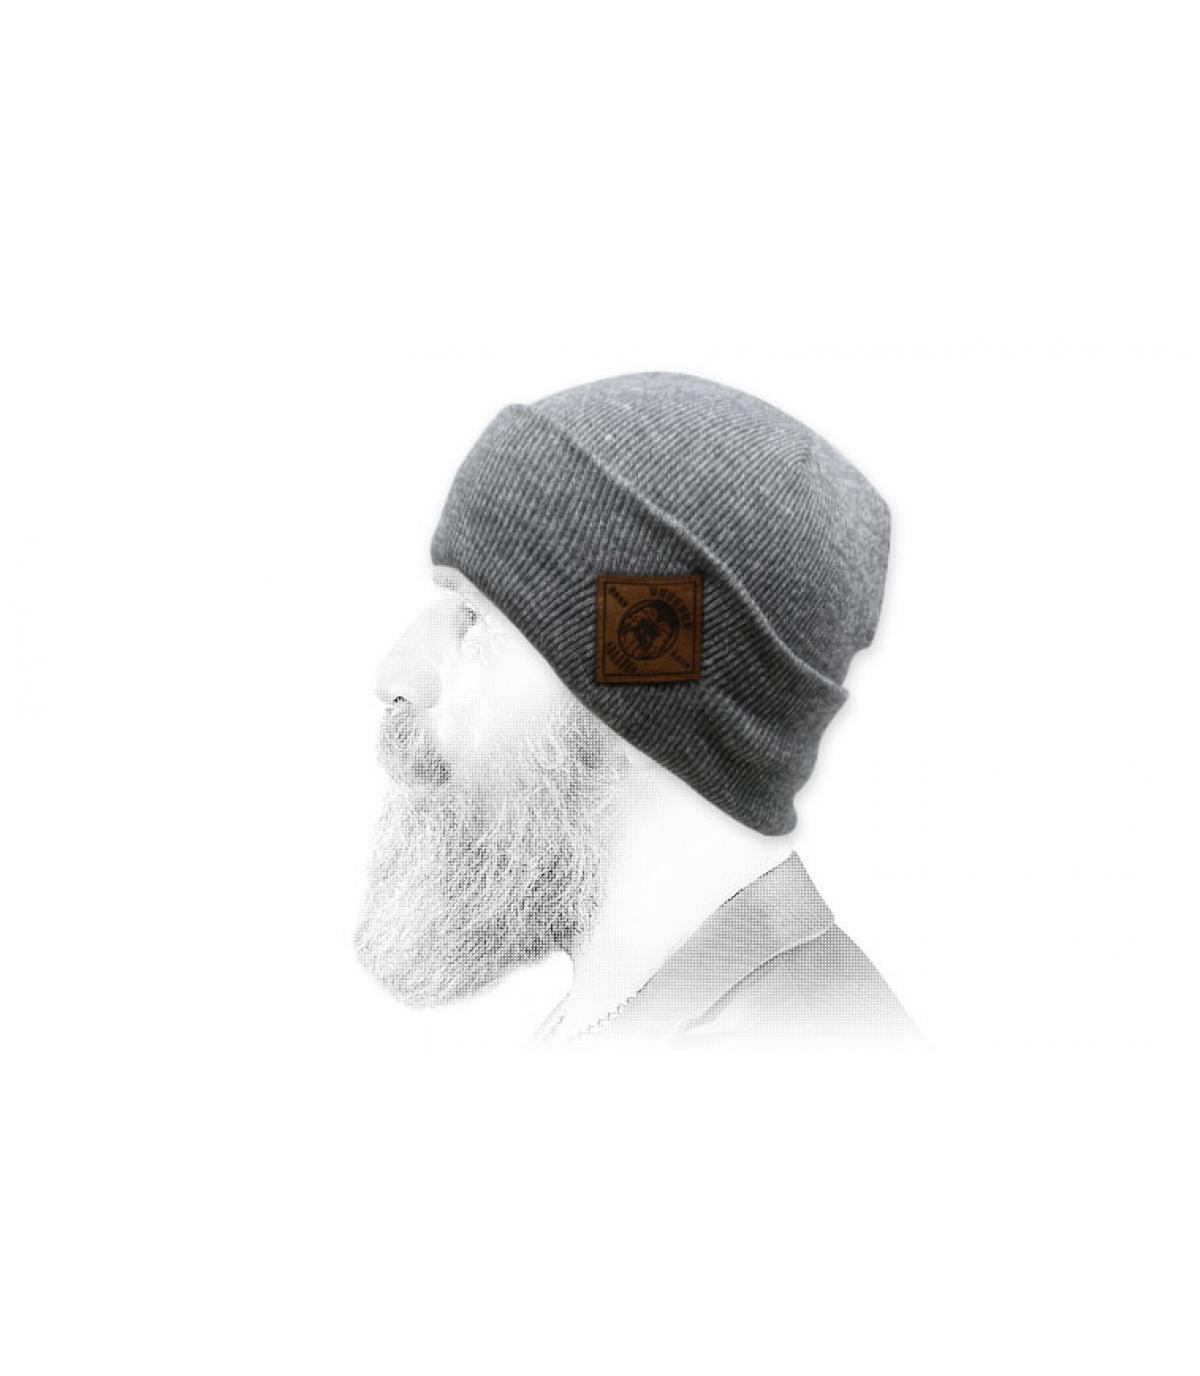 Mütze Aaaaaargh grau